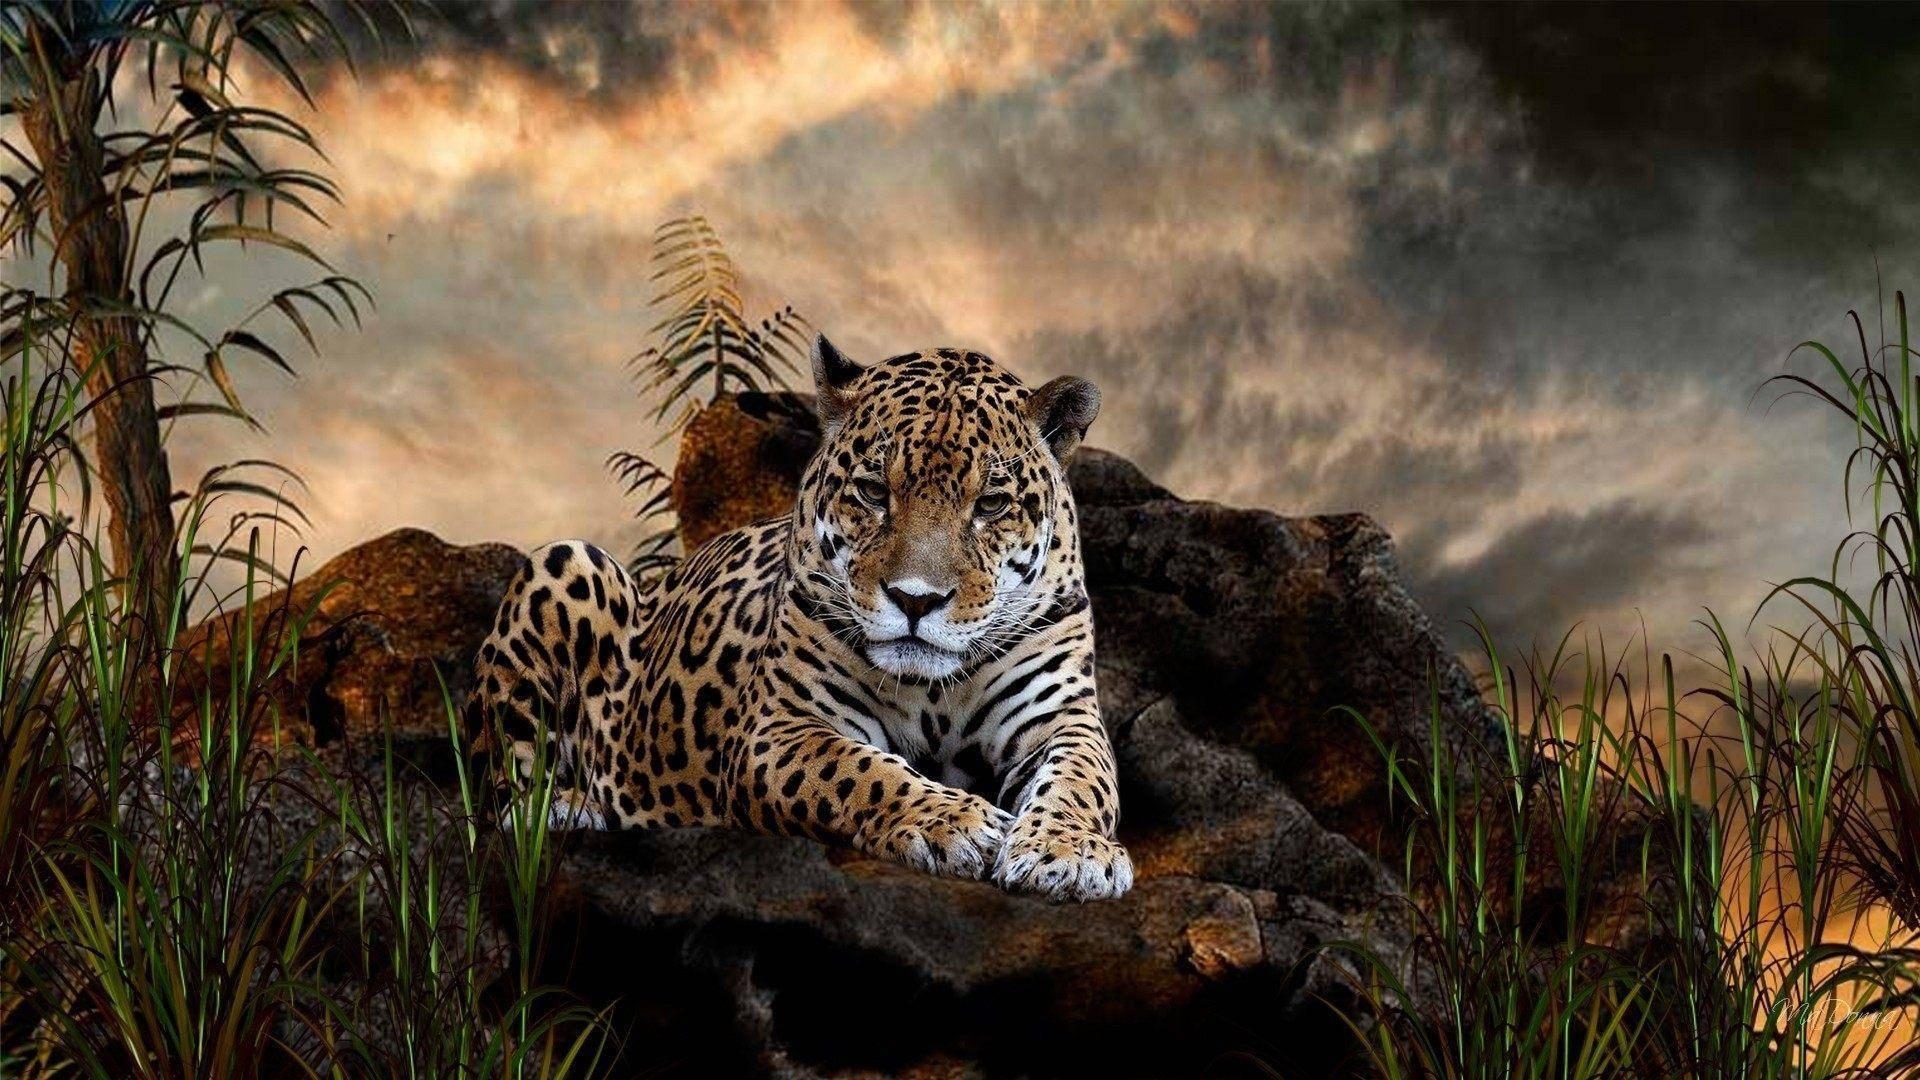 Ягуар зверь фото